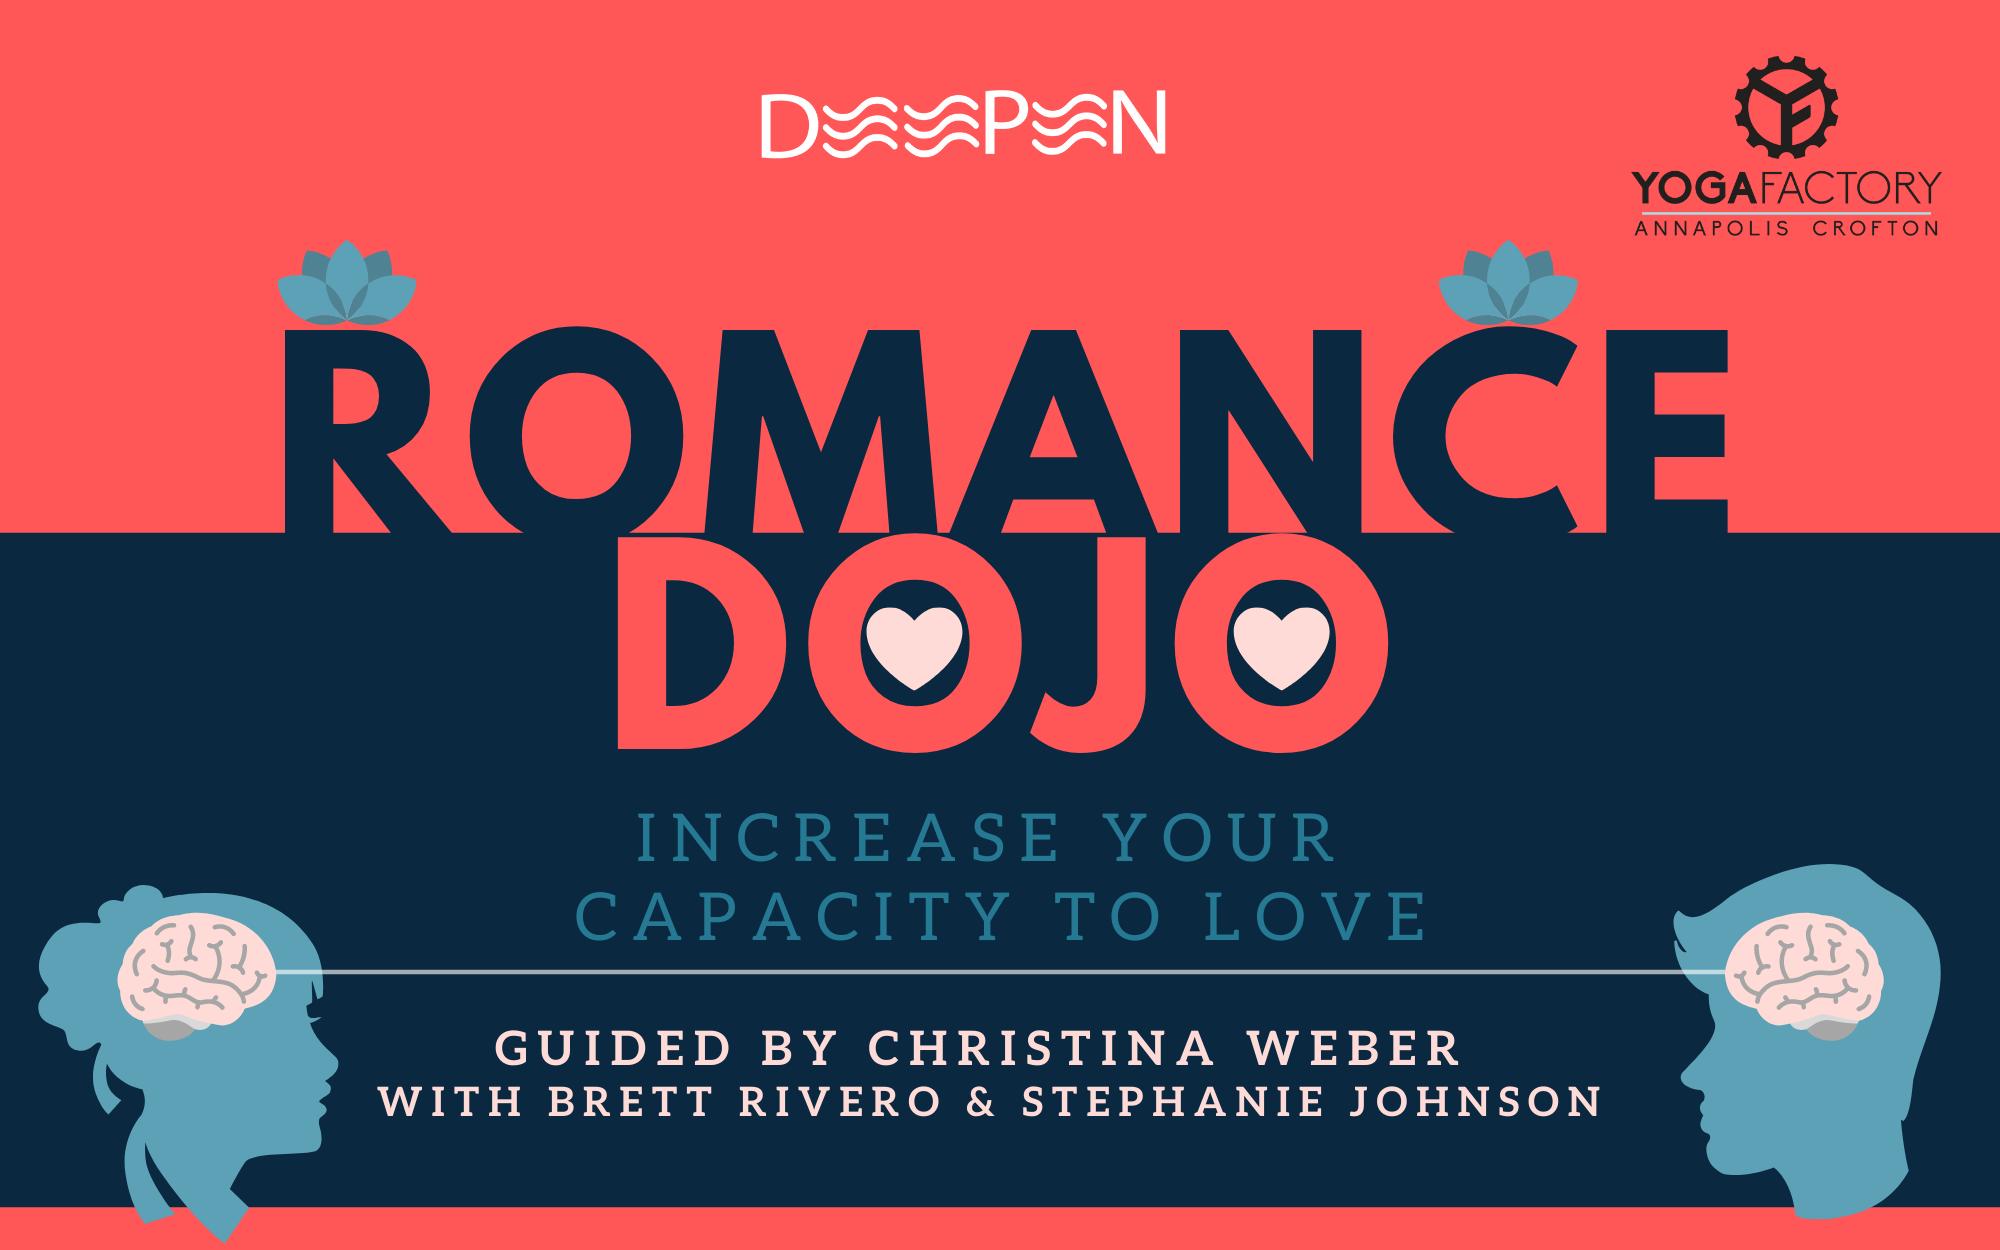 The Romance Dojo